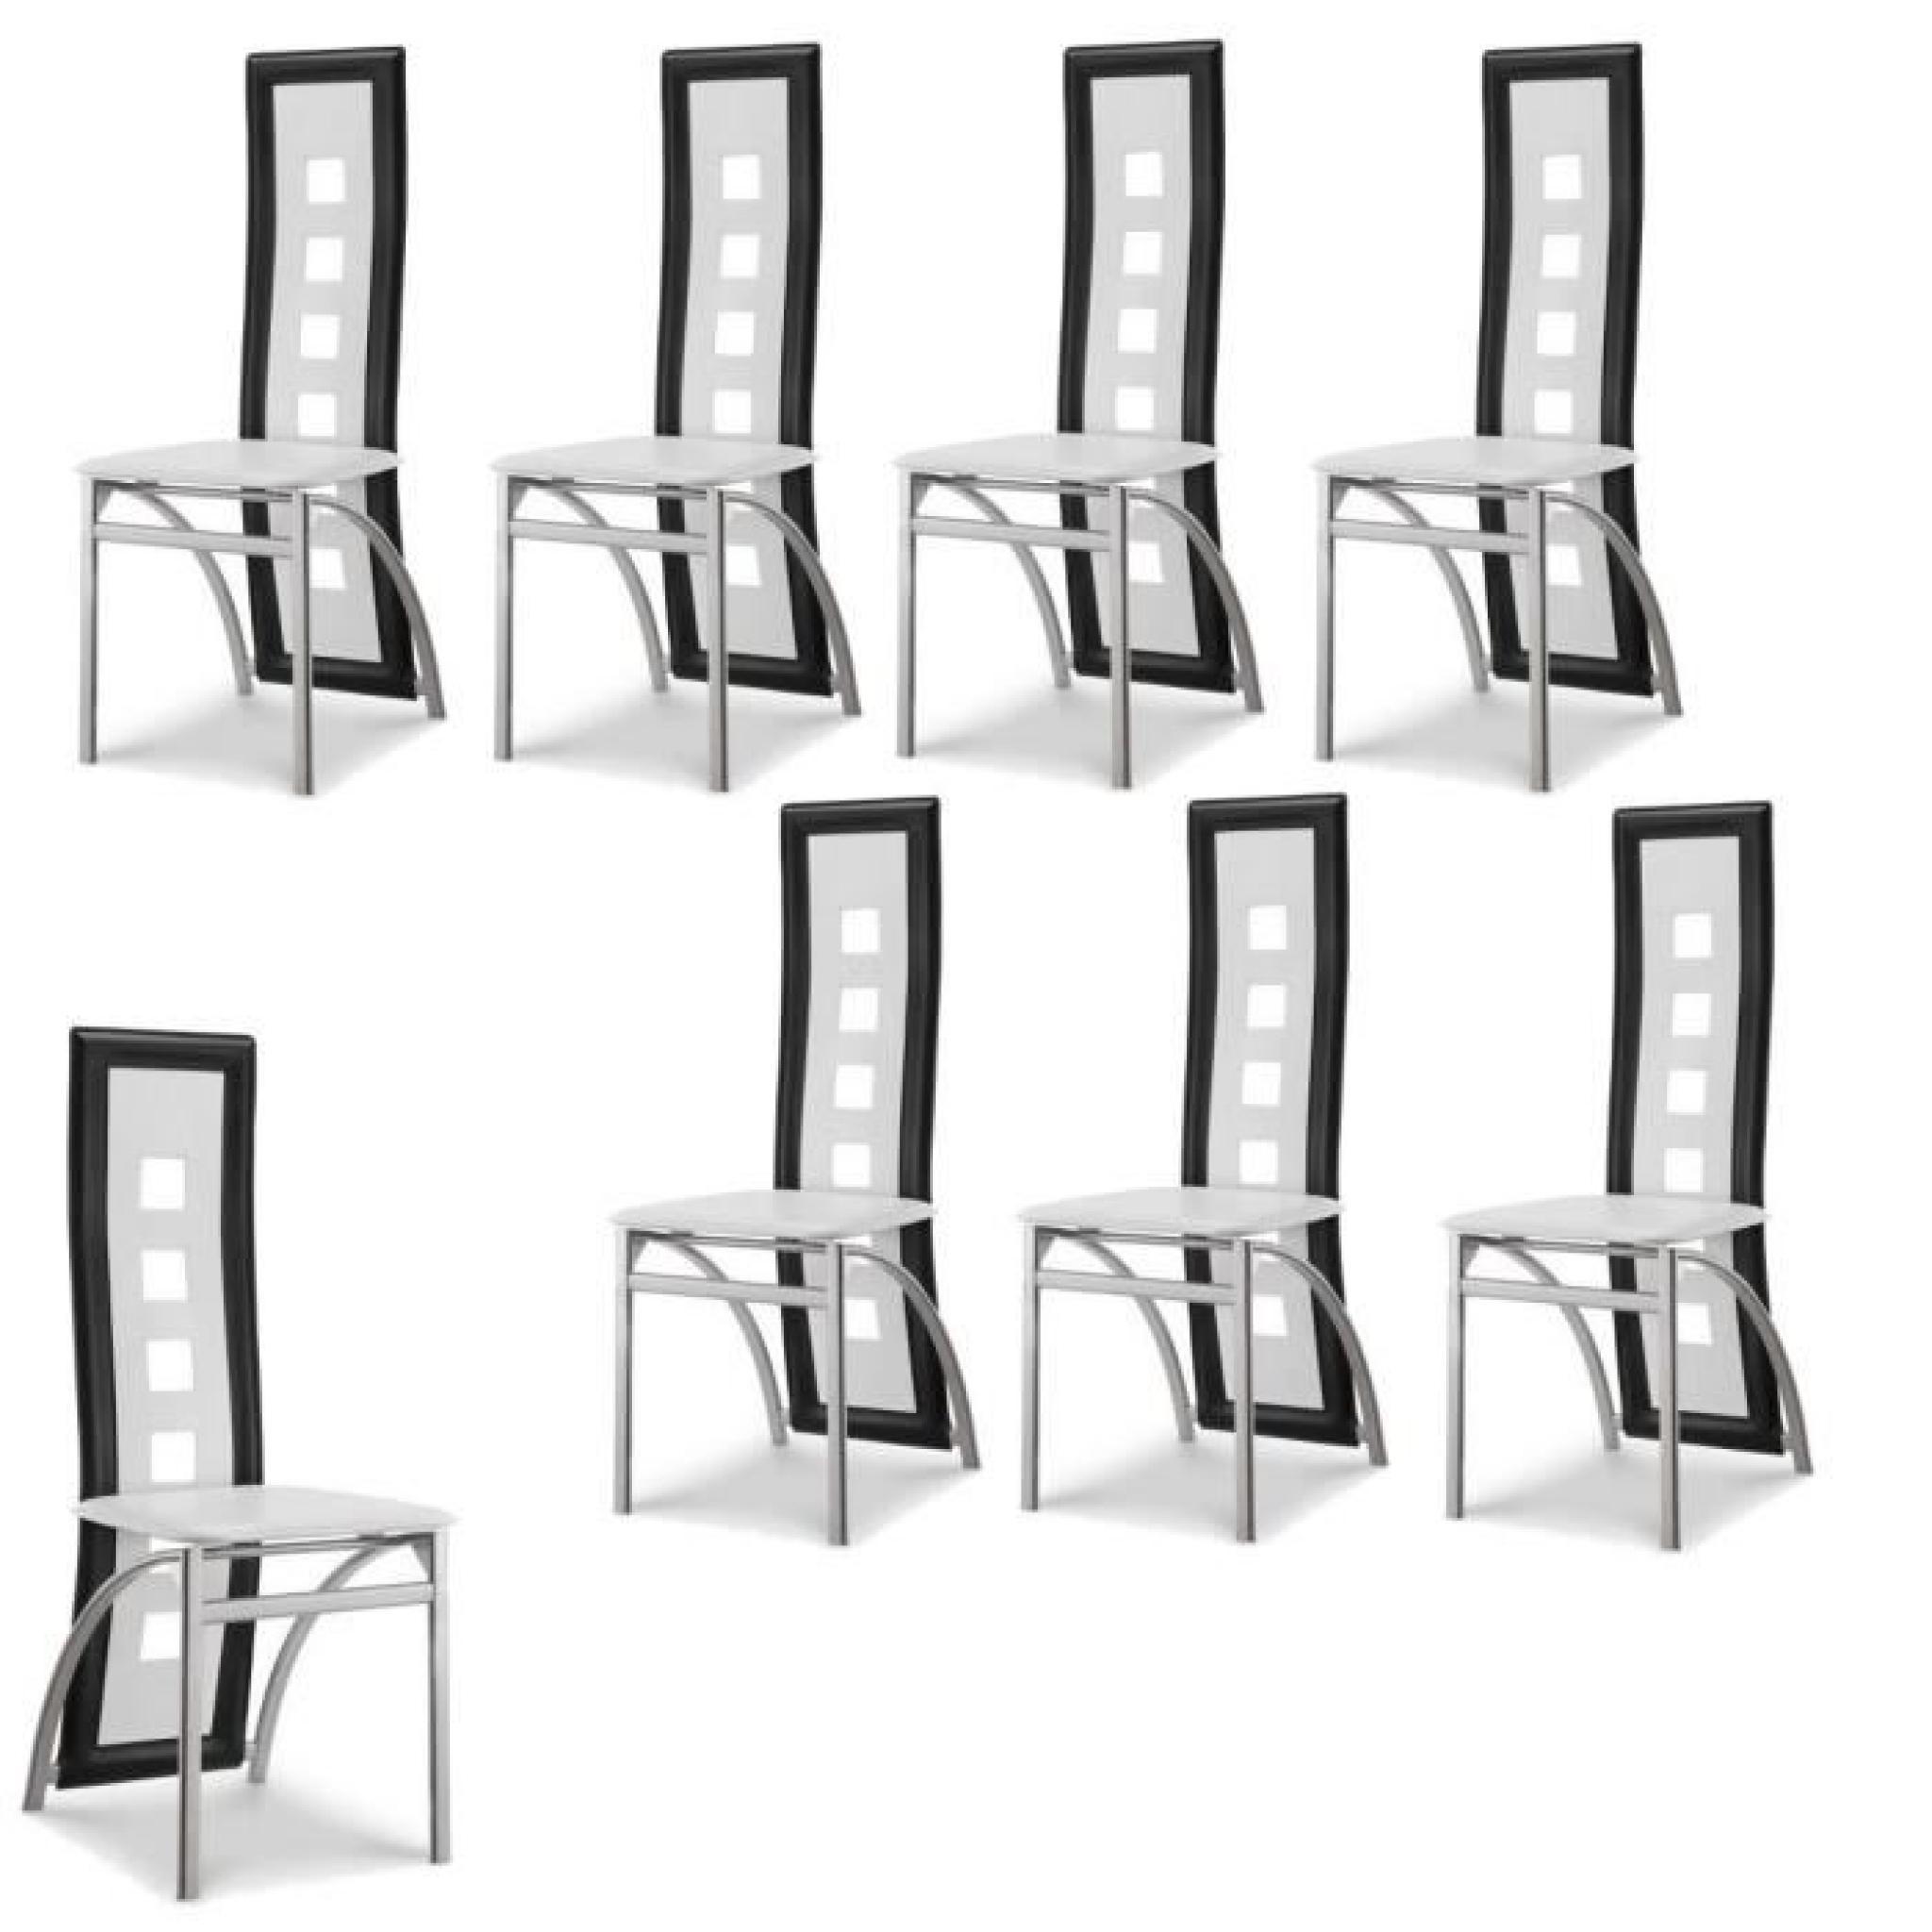 eiffel lot de 8 chaises de salle manger noires et blanches simili et aluminium design. Black Bedroom Furniture Sets. Home Design Ideas